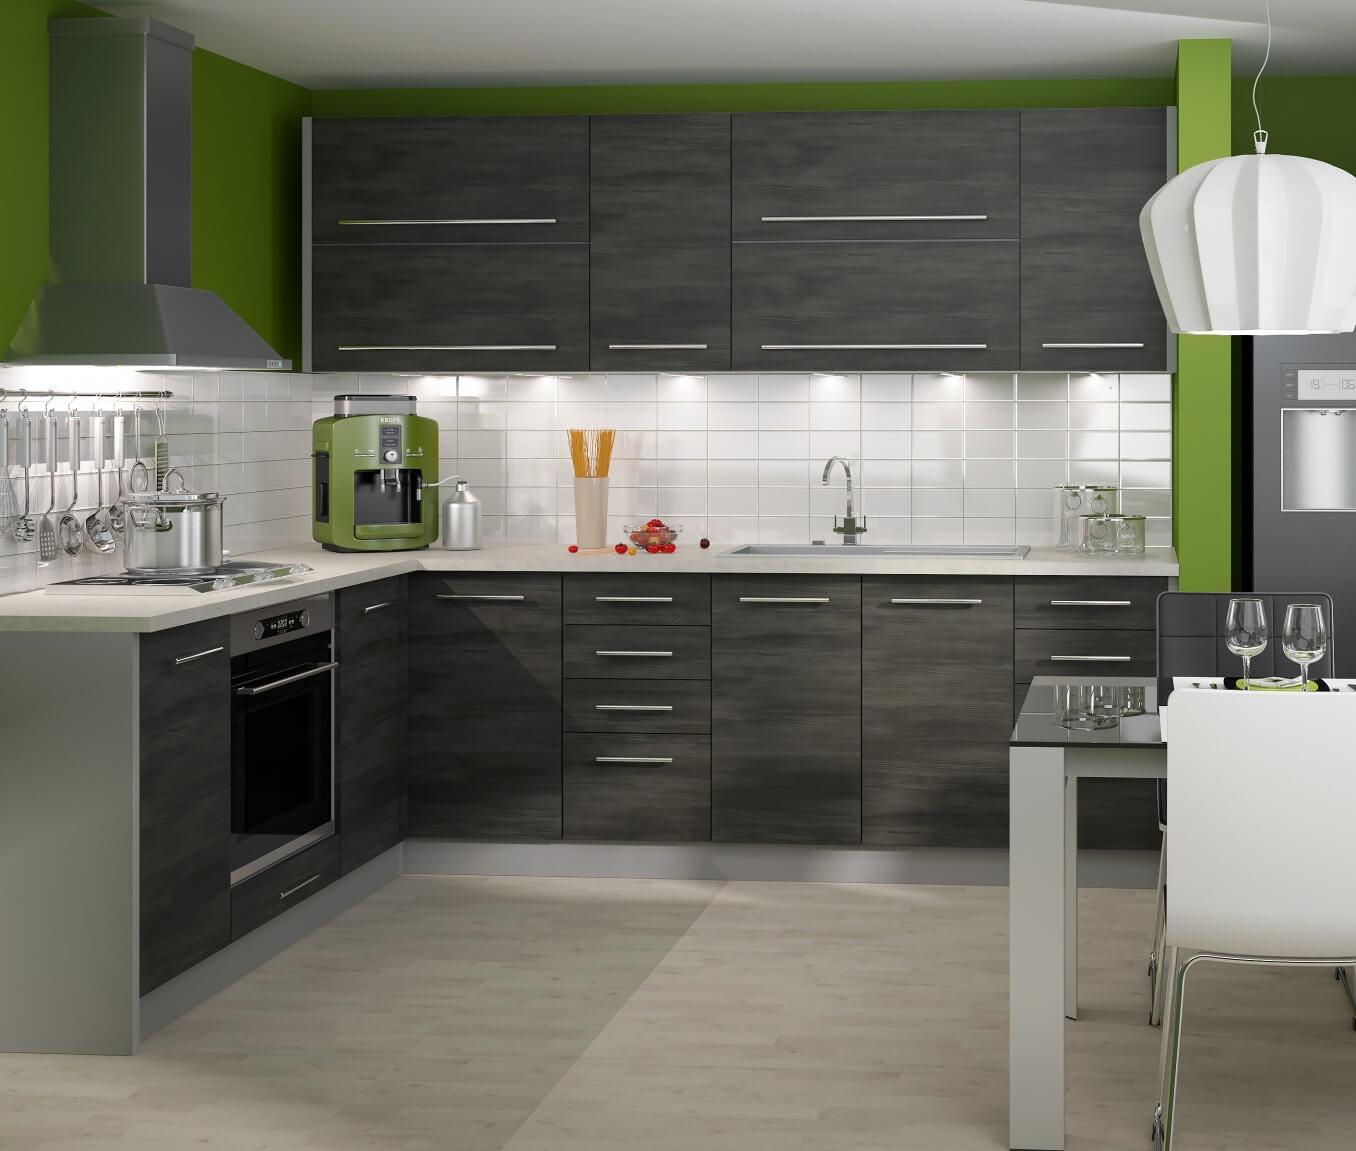 Full Size of Einlegeböden Küchenschränke Einlegeboden Nobilia Küche Einlegeboden Küchenschrank Ikea Einlegeböden Küchenschrank Küche Einlegeböden Küche